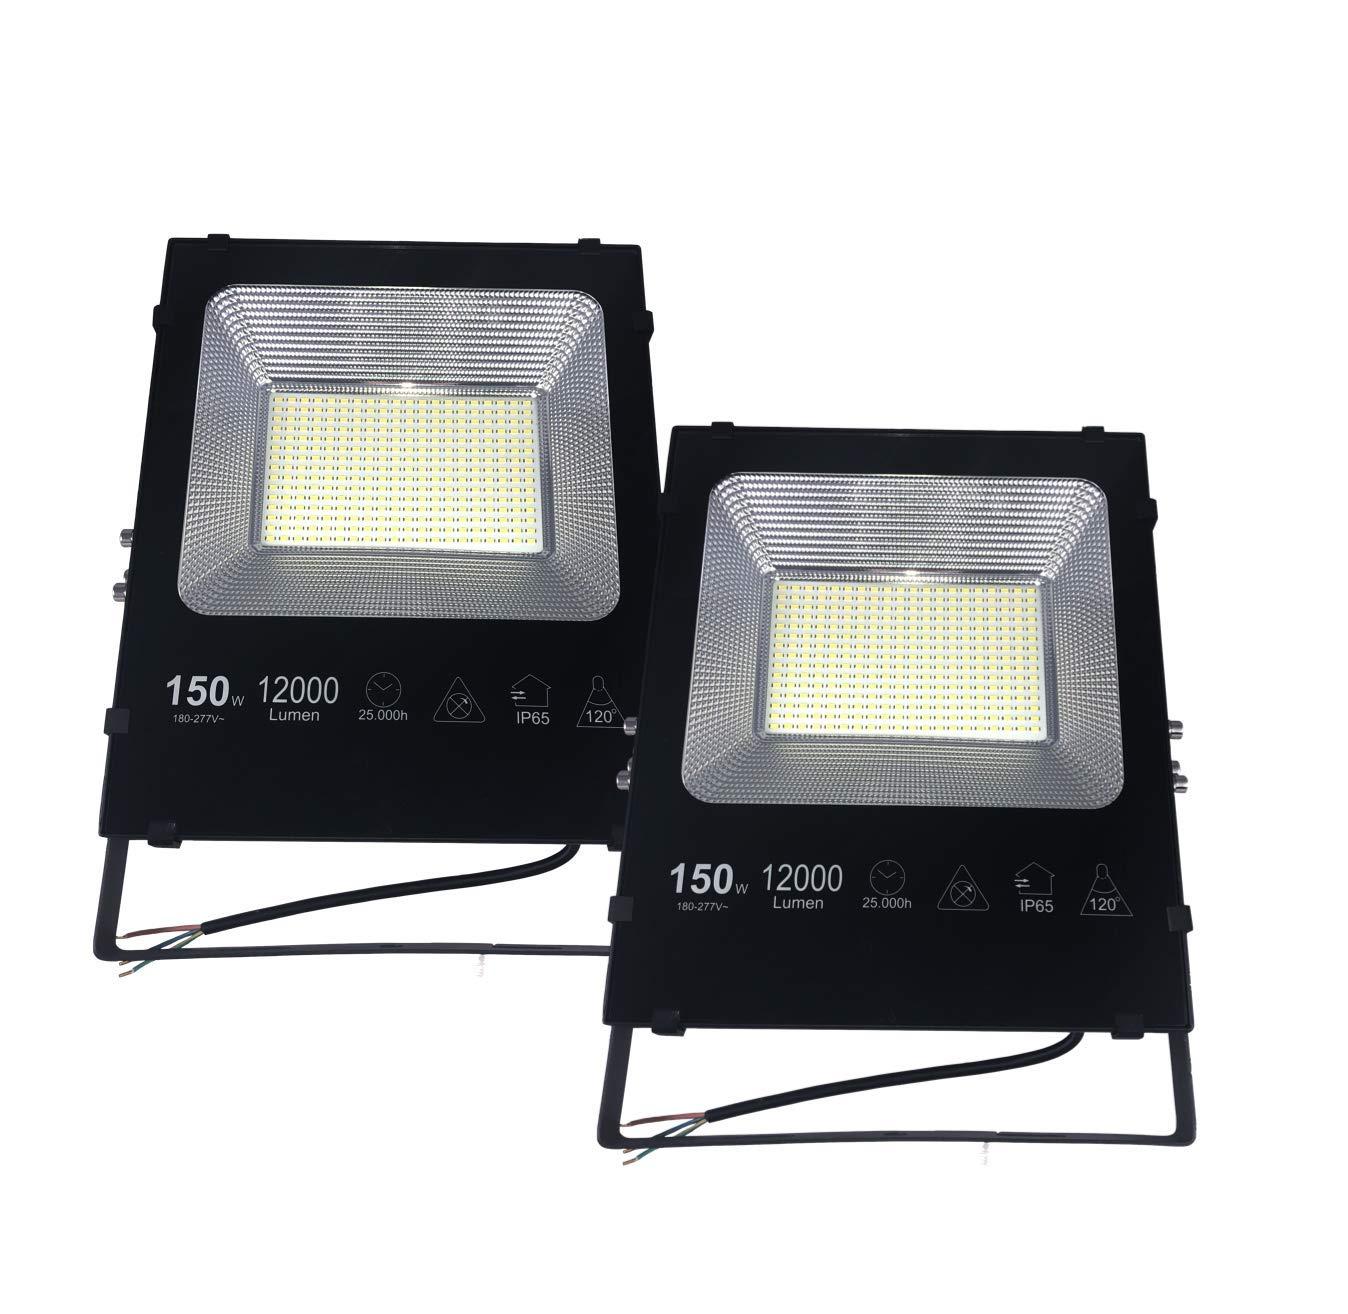 PACK 2 Proyectores LED 150W Luz blanca Fría 6500K: Amazon.es ...